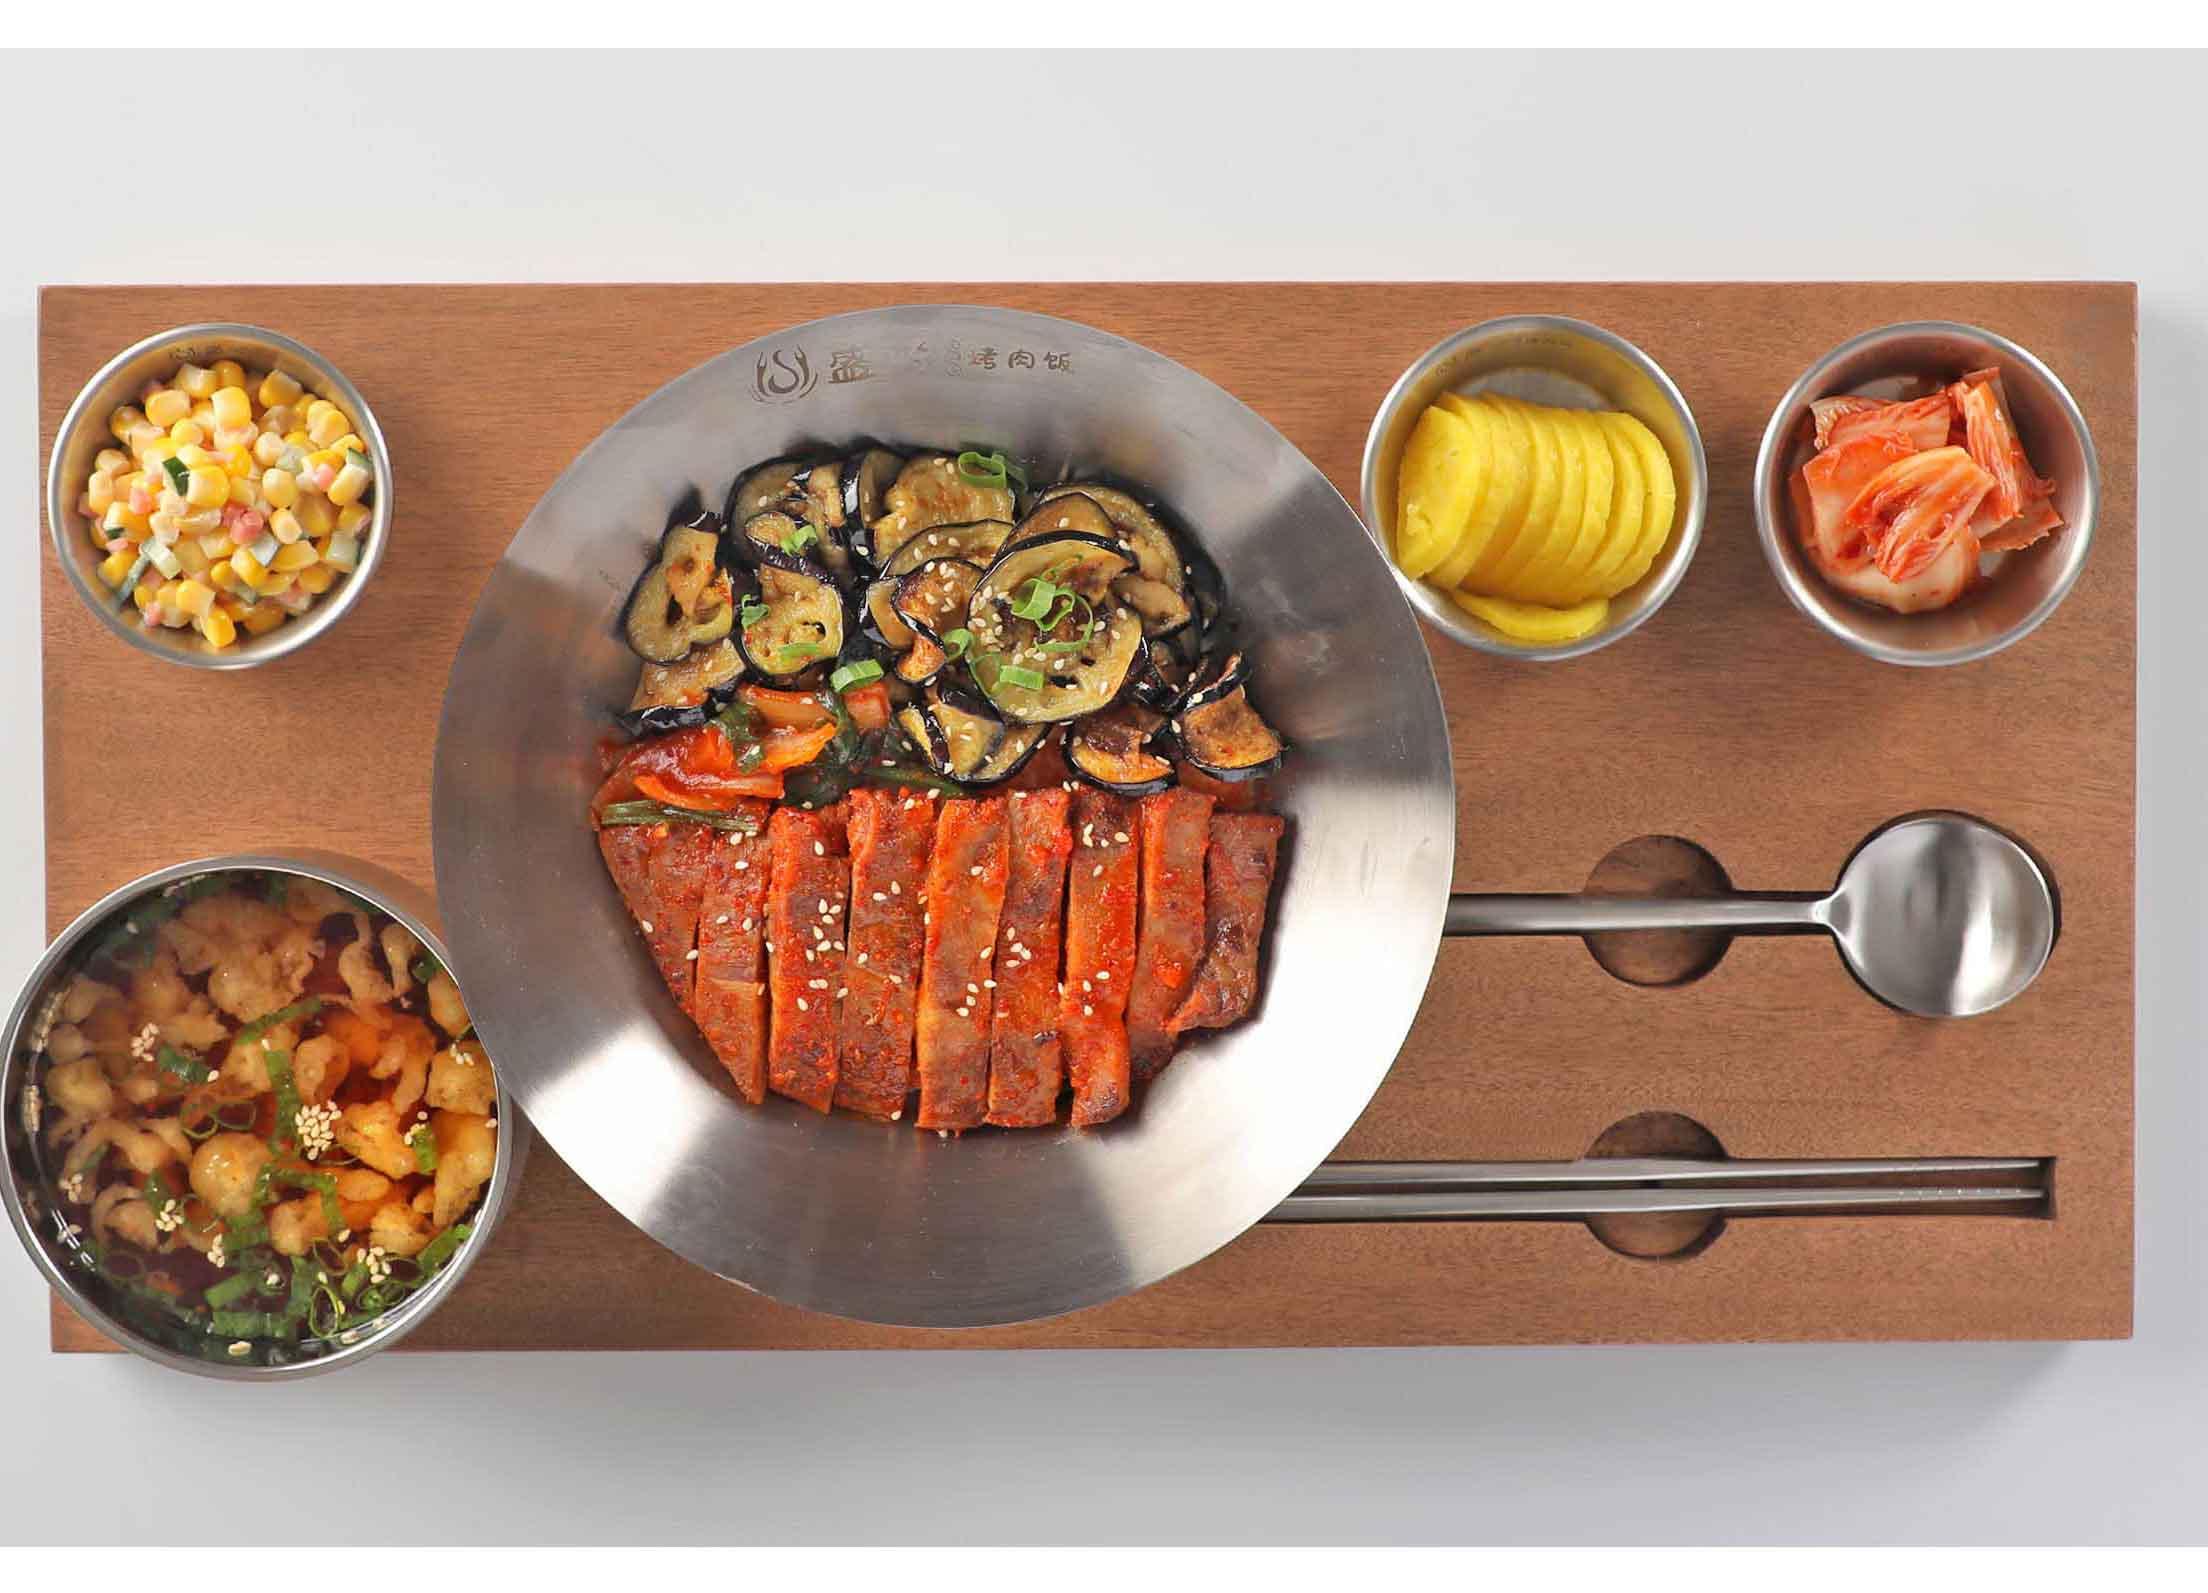 吉林|长春烤肉饭加盟-烤肉饭加盟哪家好选择盛崎